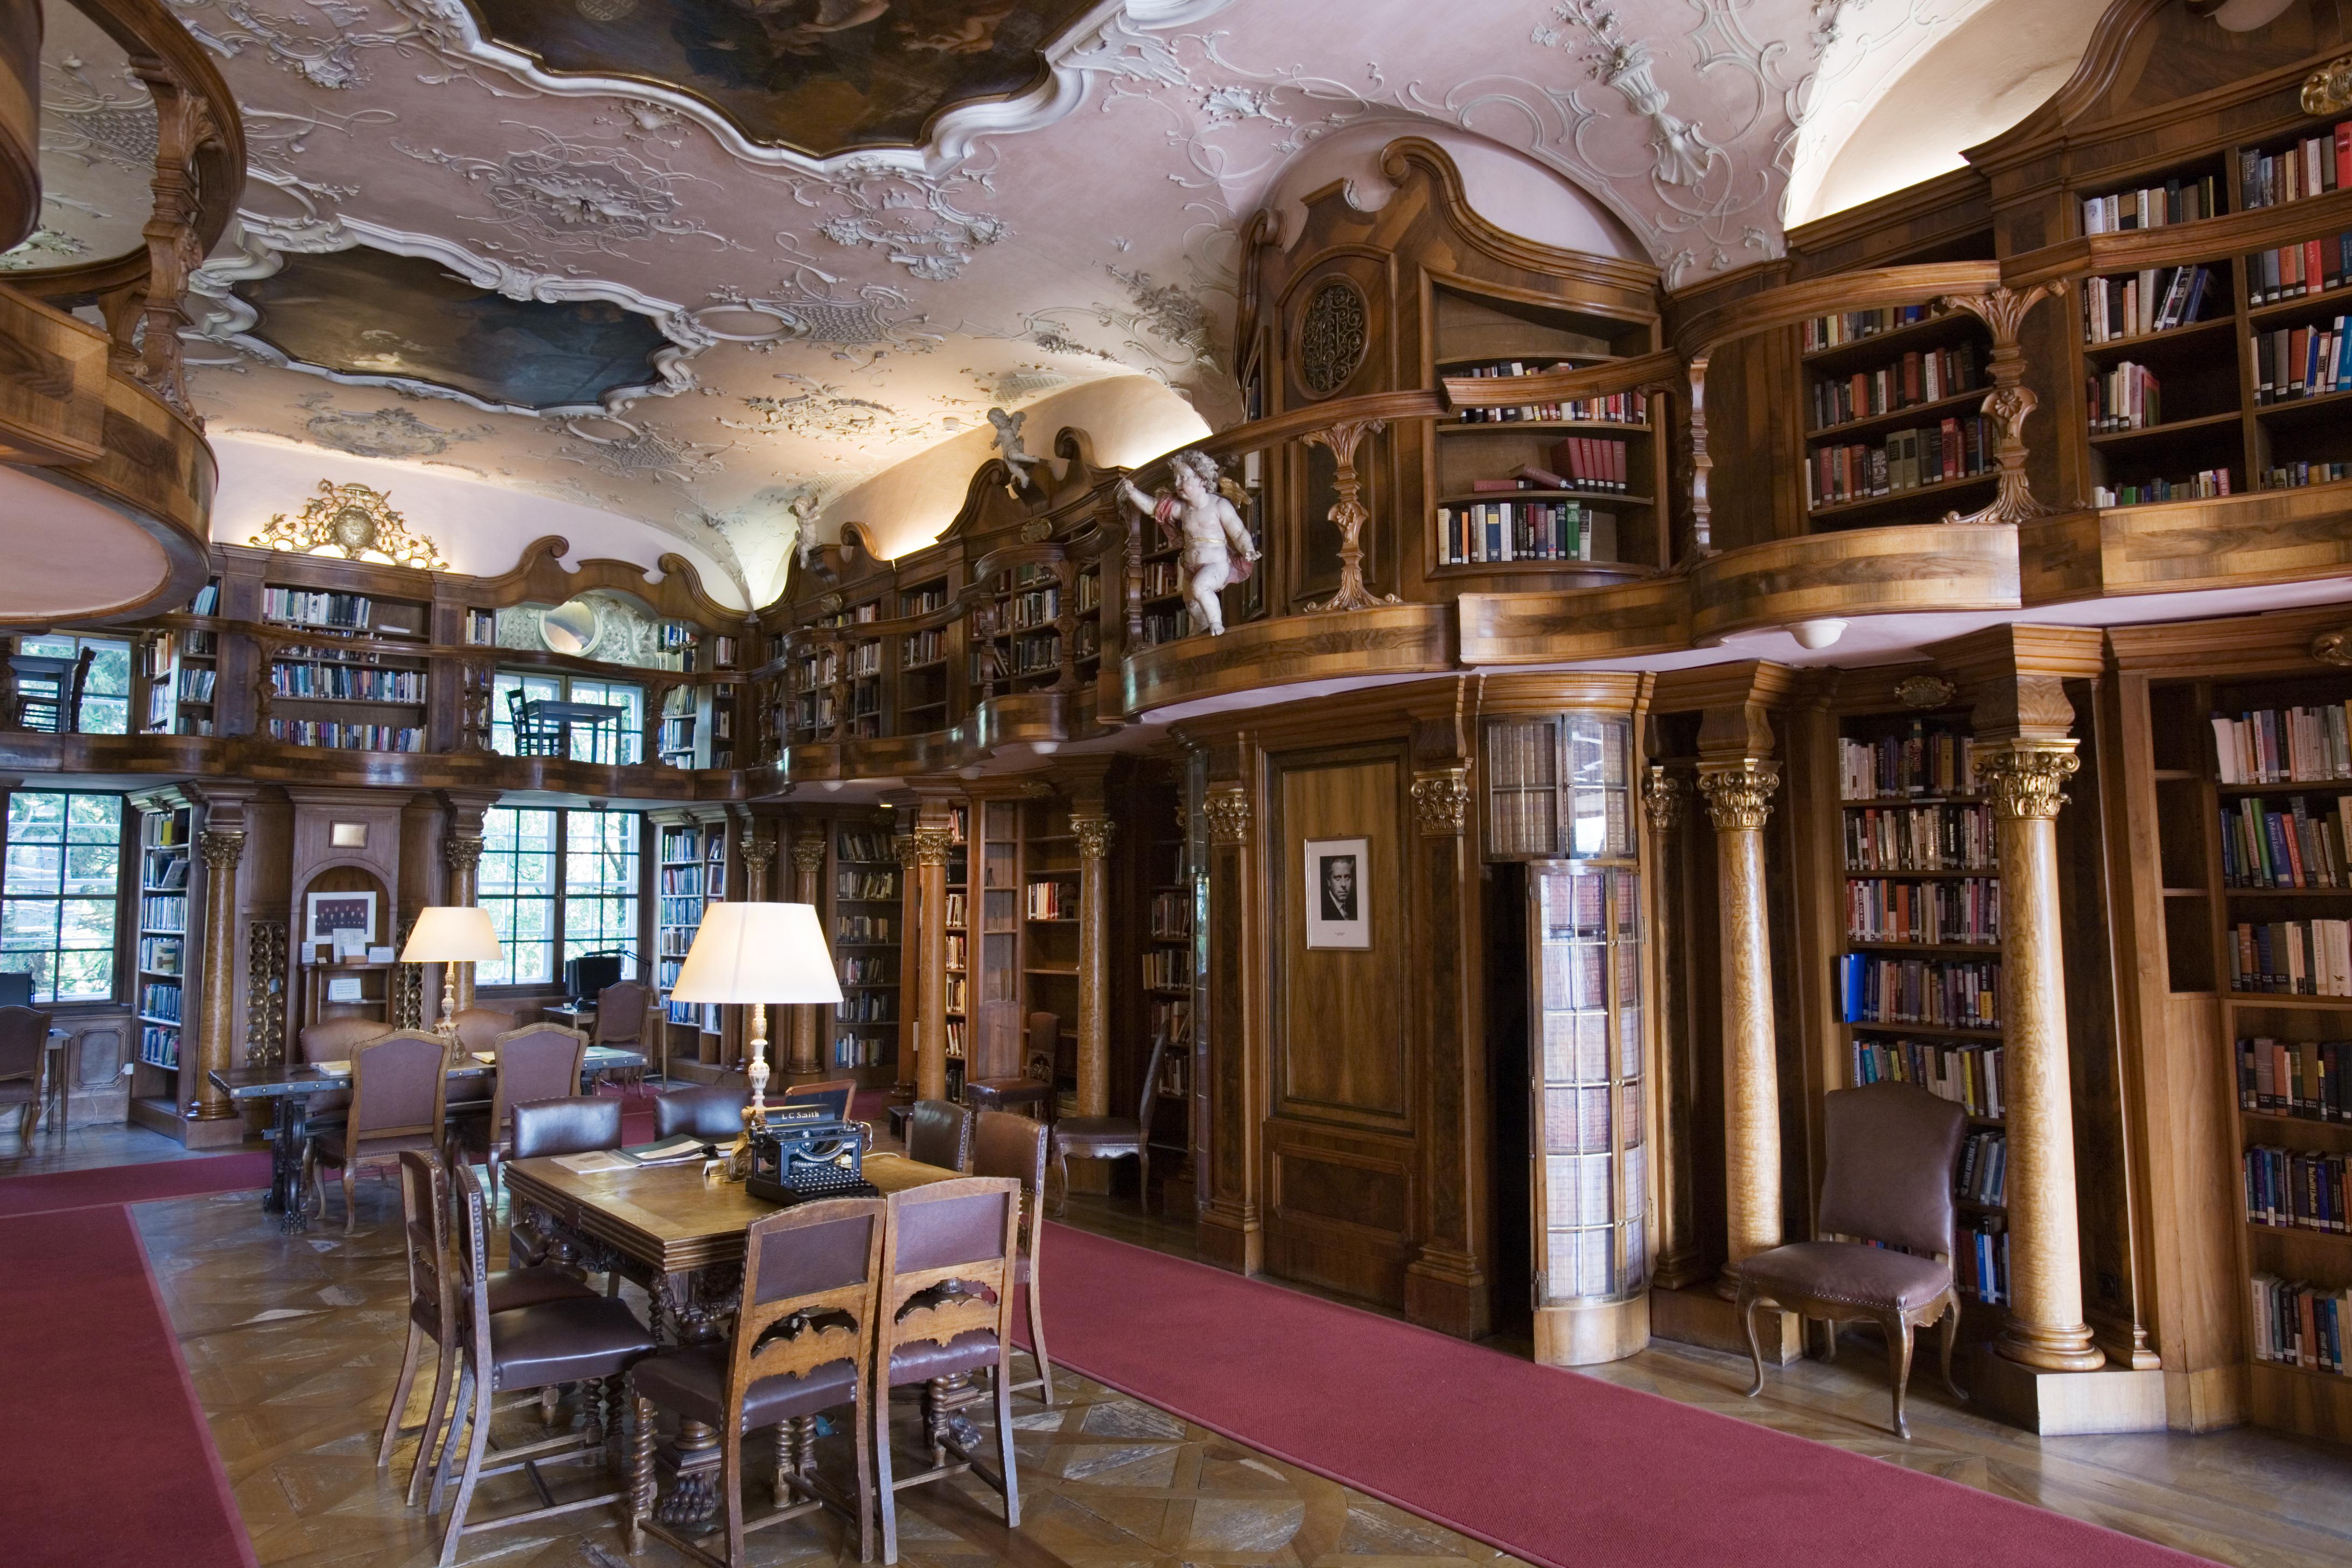 File:Austria - Schloss Leopoldskron Library - 2706.jpg